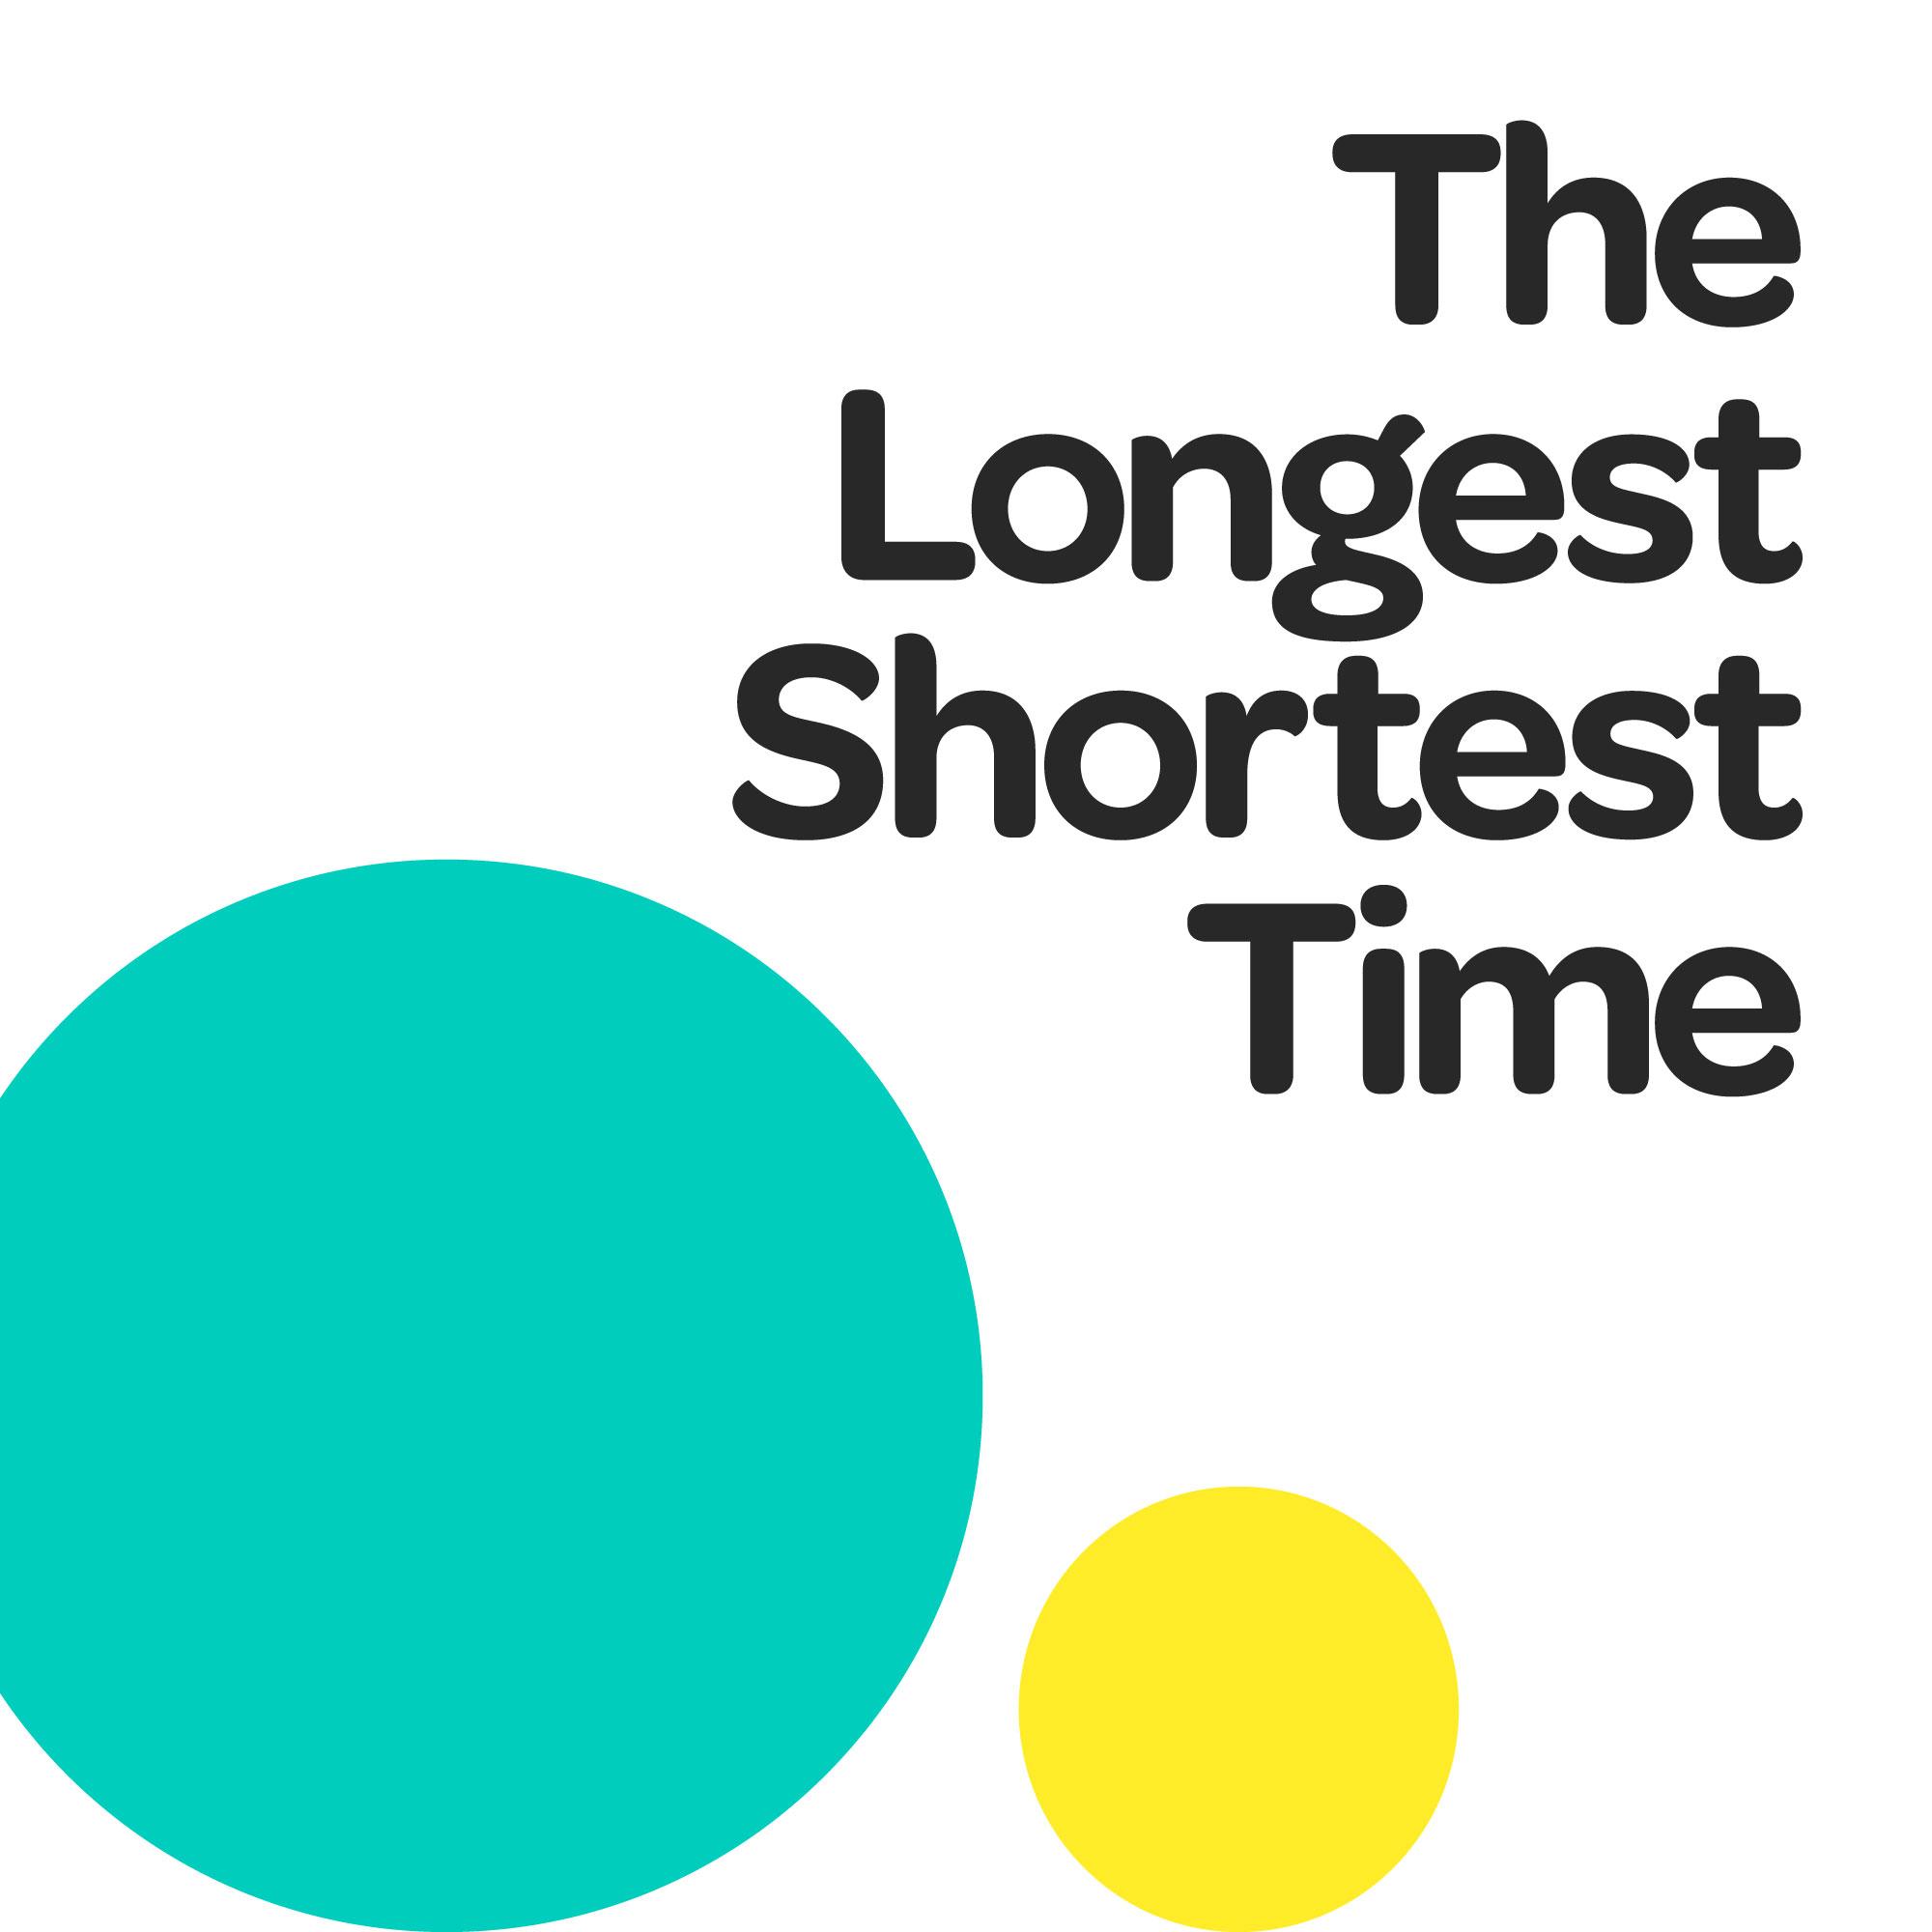 Lst-logo-new2016-large.jpg